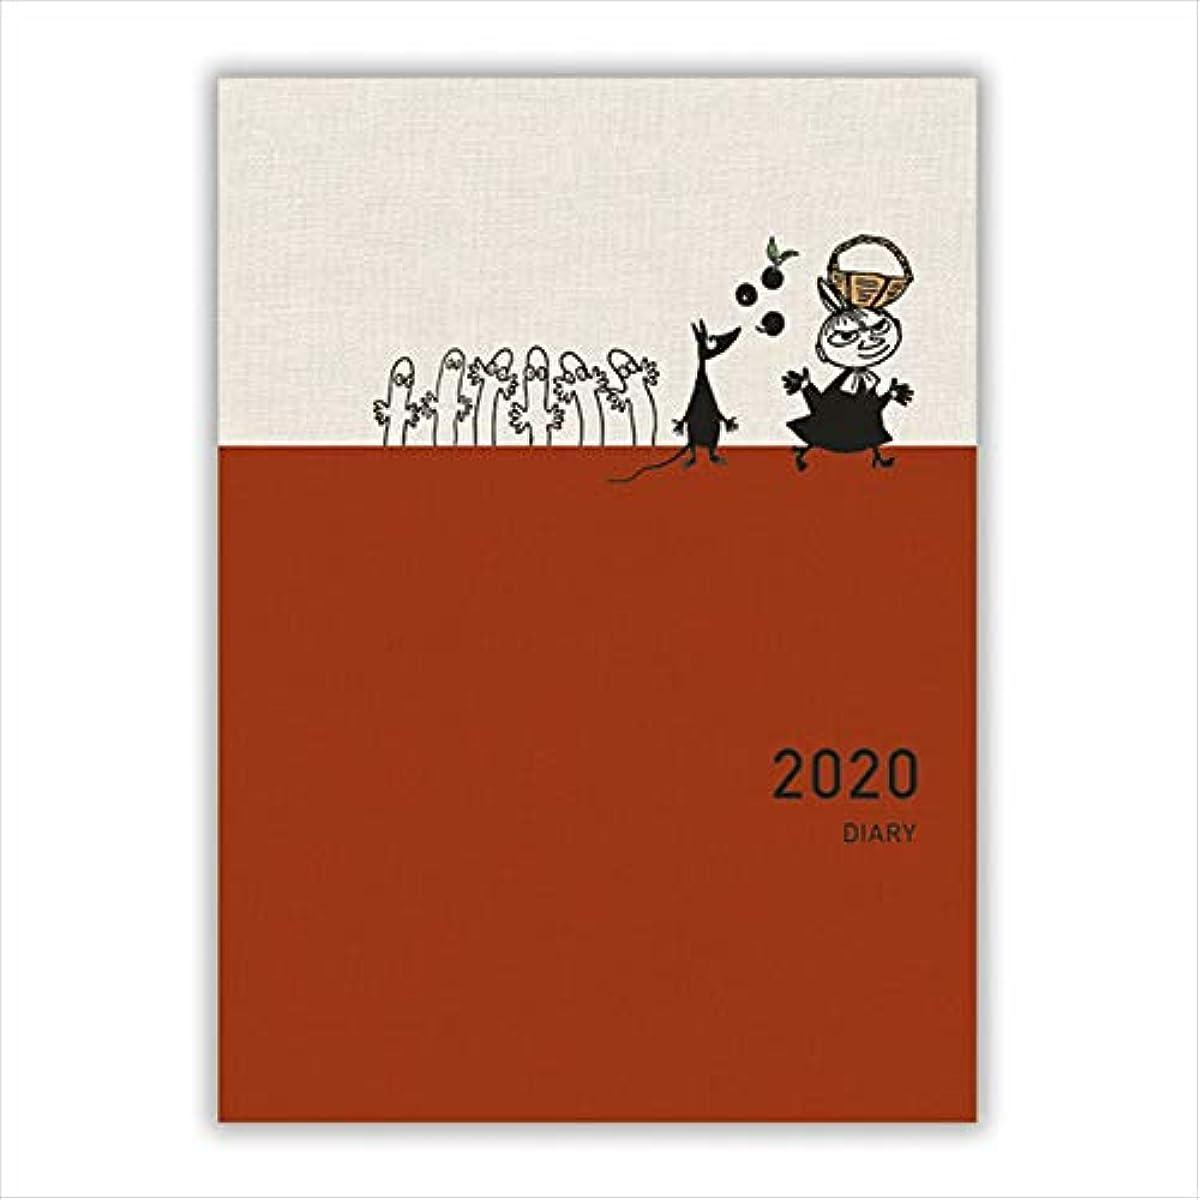 [해외] 2020년 다이어리 수첩 리틀미이 761561 2019년 12월 시작